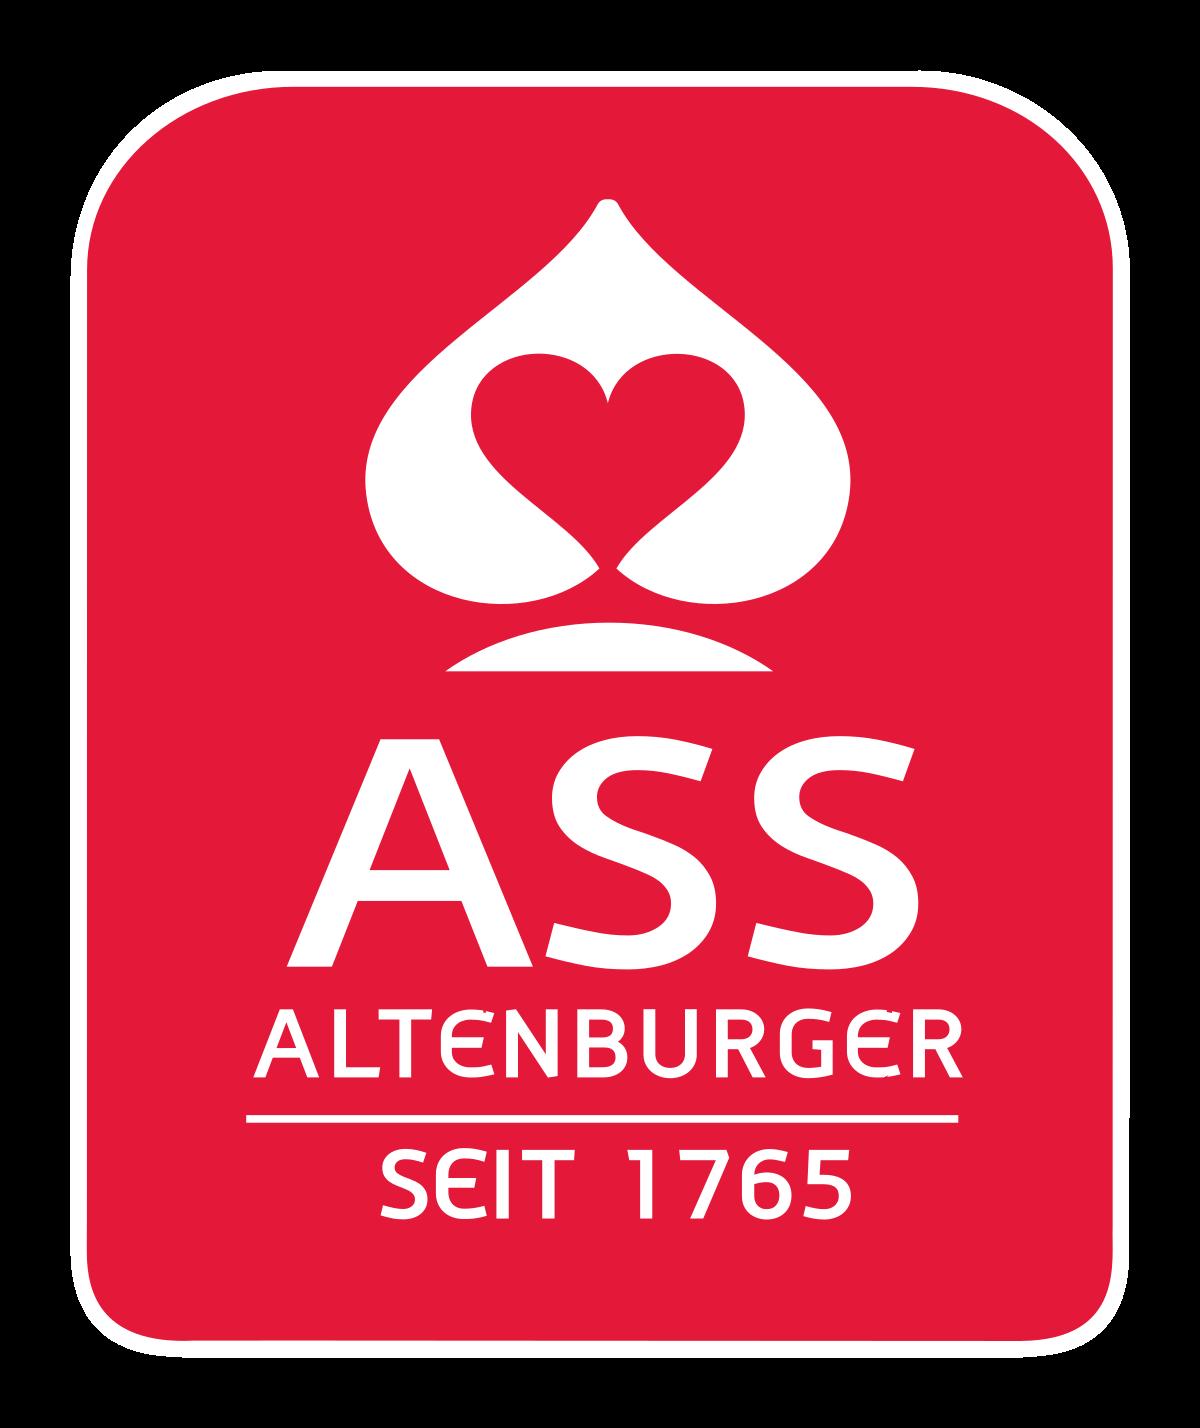 ASS Spielkartenfabrik